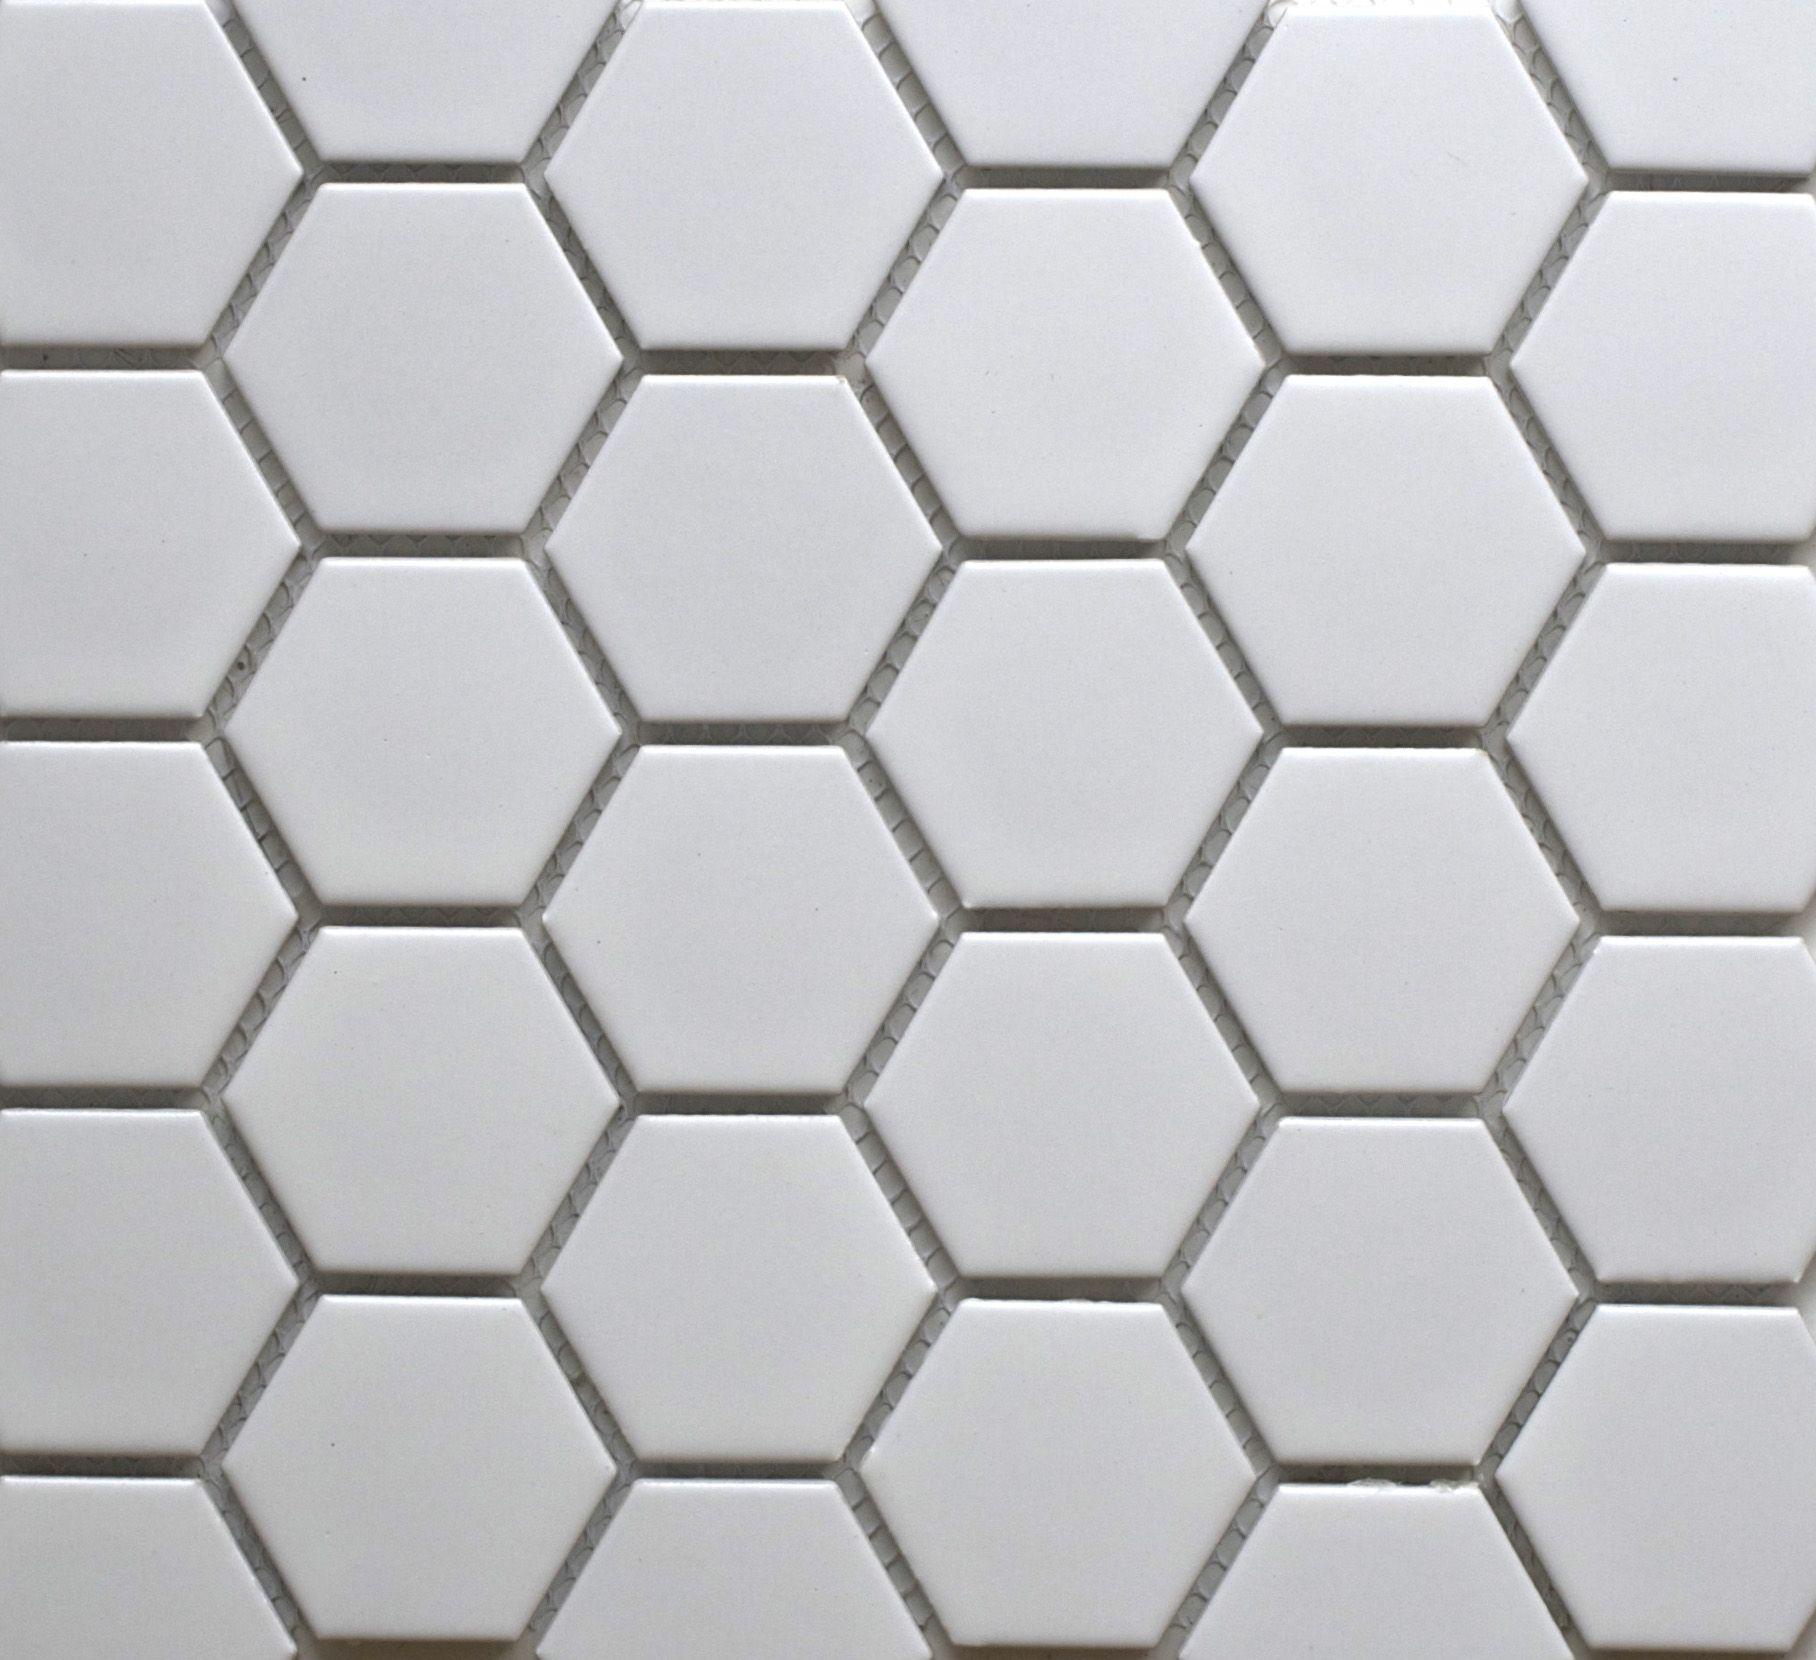 26858 Hexagon Matt White 50mm Bespoke Tile Stone